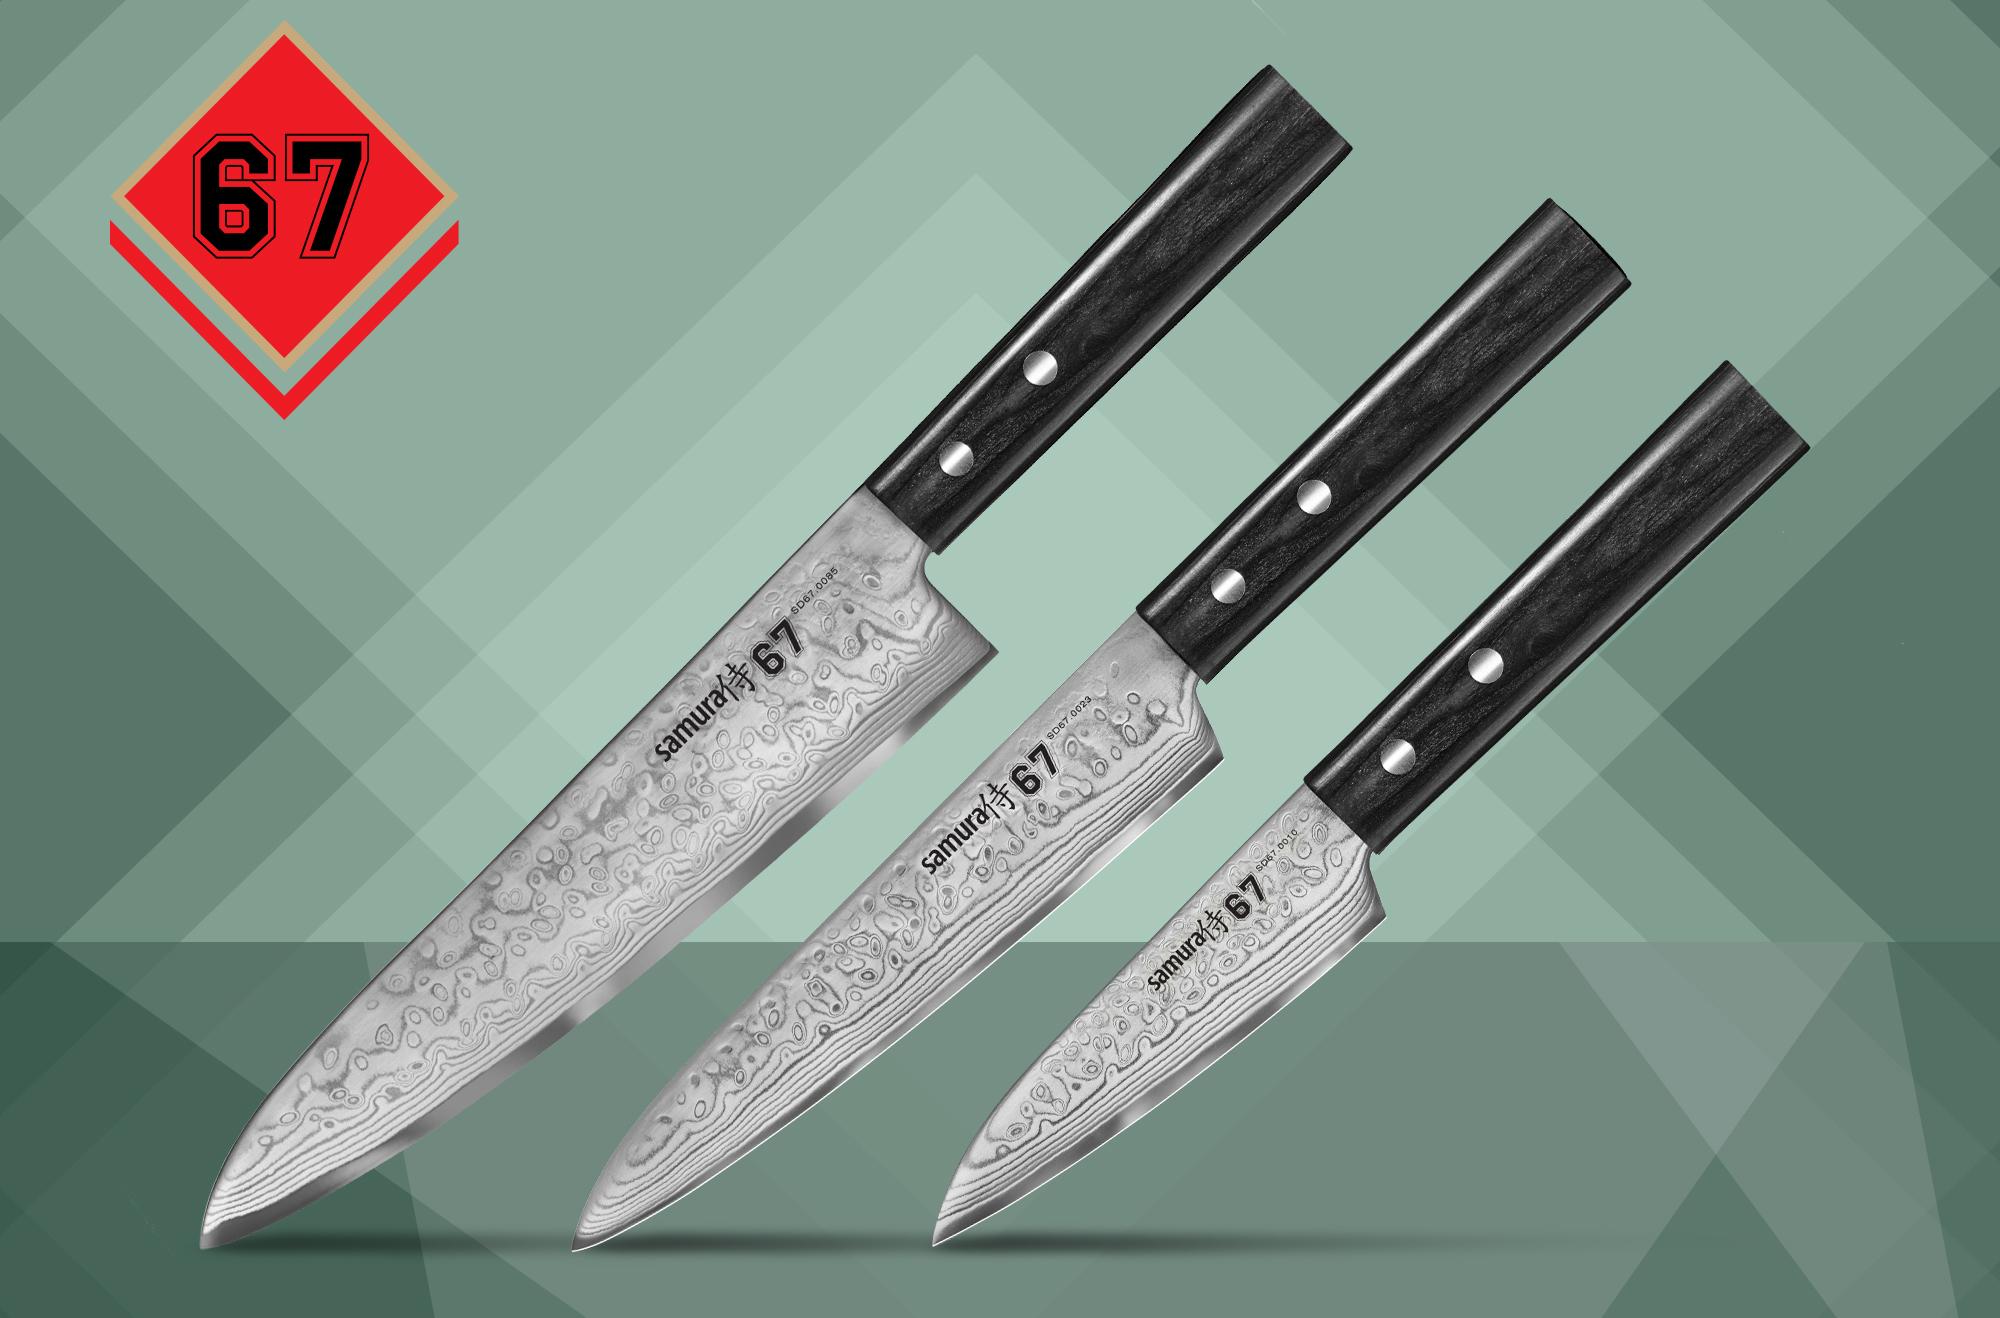 Набор из 3-х кухонных ножей Поварская тройка в подарочной коробке, Samura 67 damascus (SD67-0220)Наборы кухонных ножей<br>Набор из 3-х кухонных ножей Поварская тройка в подарочной коробке, Samura 67 damascus (SD67-0220)<br>Незаменимая Поварская тройка в красивой подарочной коробке. В набор входят: овощной нож 98 мм, универсальный нож 150 мм и Шеф 208 мм. Центральный слой ножей - высокоуглеродистая сталь VG-10, которая обеспечивает ножам безупречные режущие свойства: длительную остроту и отличный, агрессивный рез. Узорчатые обкладки из SUS 430 и SUS 431 придают большую упругость, прочность и великолепный внешний вид. Рукояти ножей, выполненные из стабилизированной древесины, удобно лежат в руке, не скользят и устойчивы к агрессивным средам. Ножи из серии 67 Damascus - это отличный бюджетный вариант элитного дамасска и украшение на любой кухне.<br>